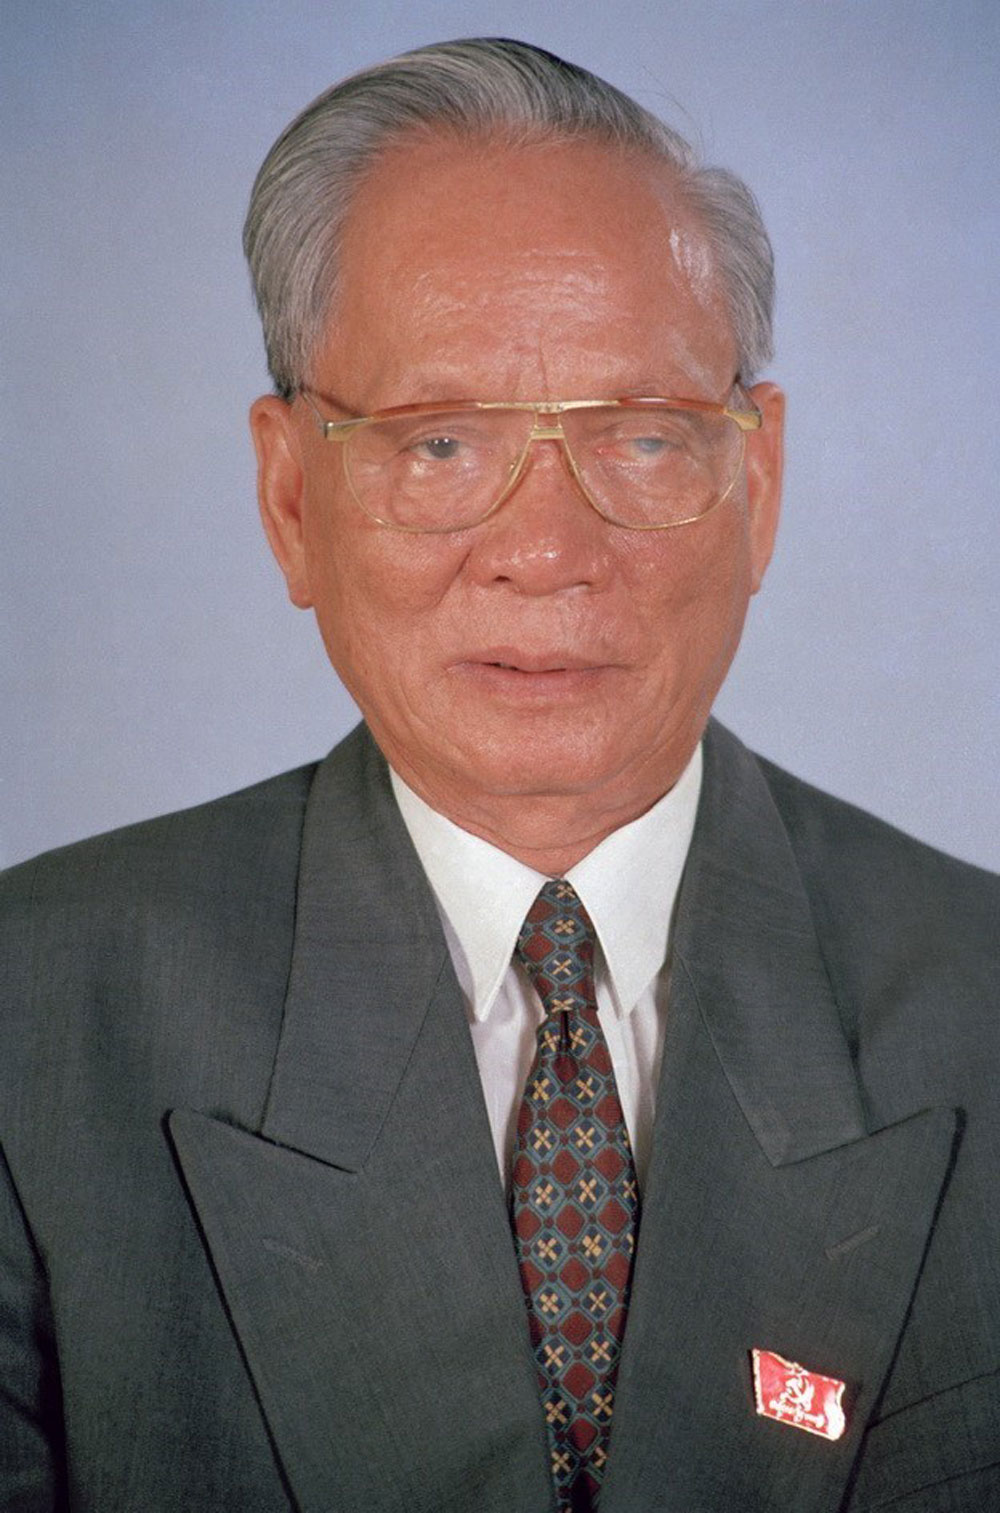 Nguyên Chủ tịch nước, Đại tướng Lê Đức Anh, từ trần